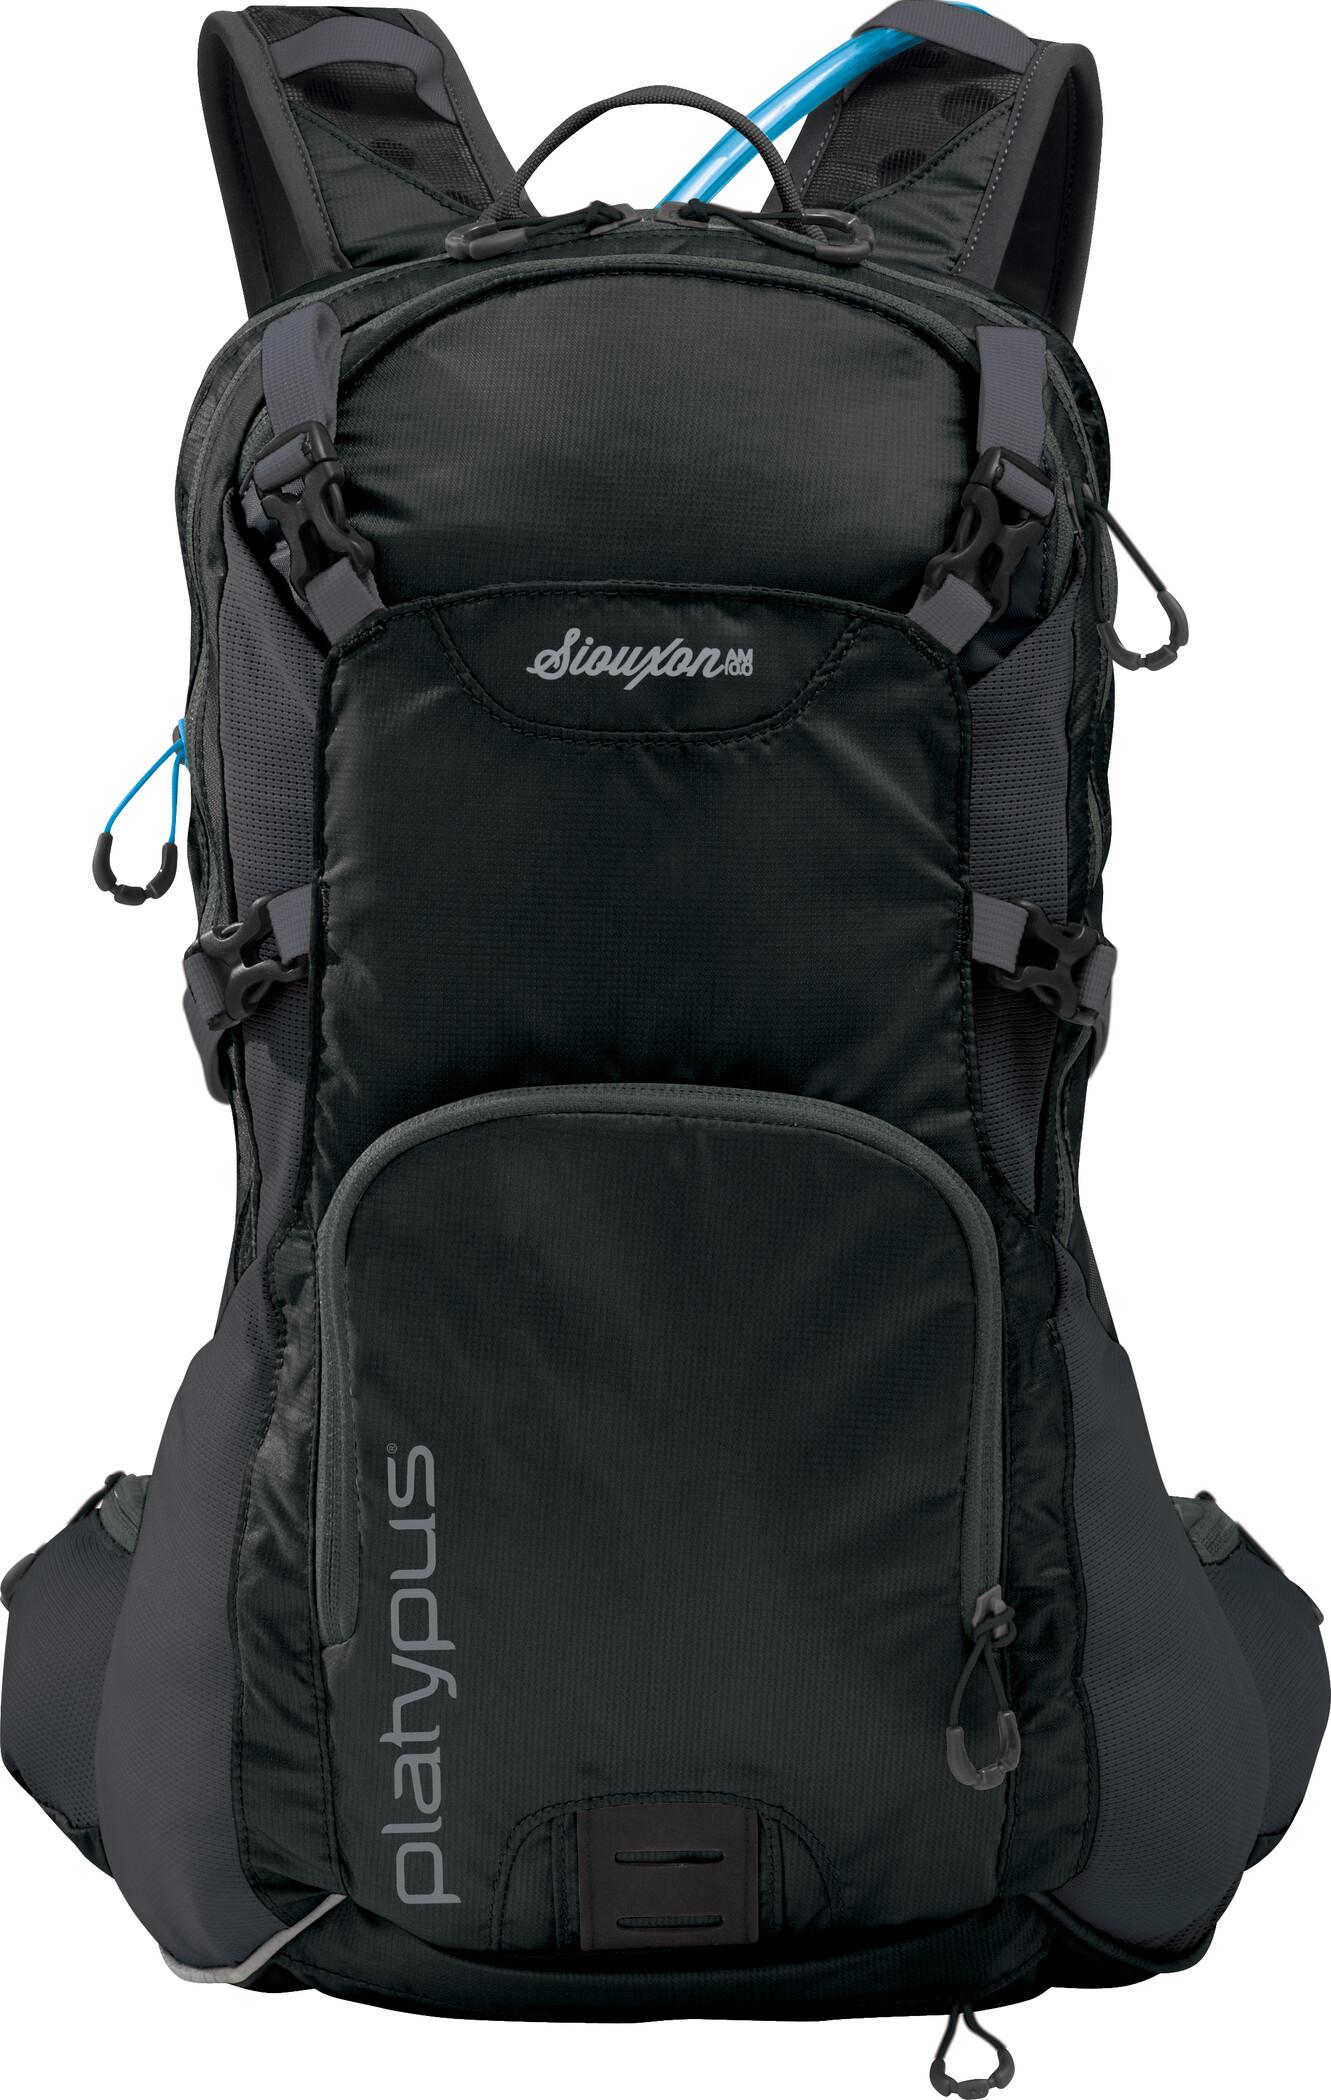 Platypus Siouxon 10 Rygsæk Damer, carbon   Rygsæk og rejsetasker